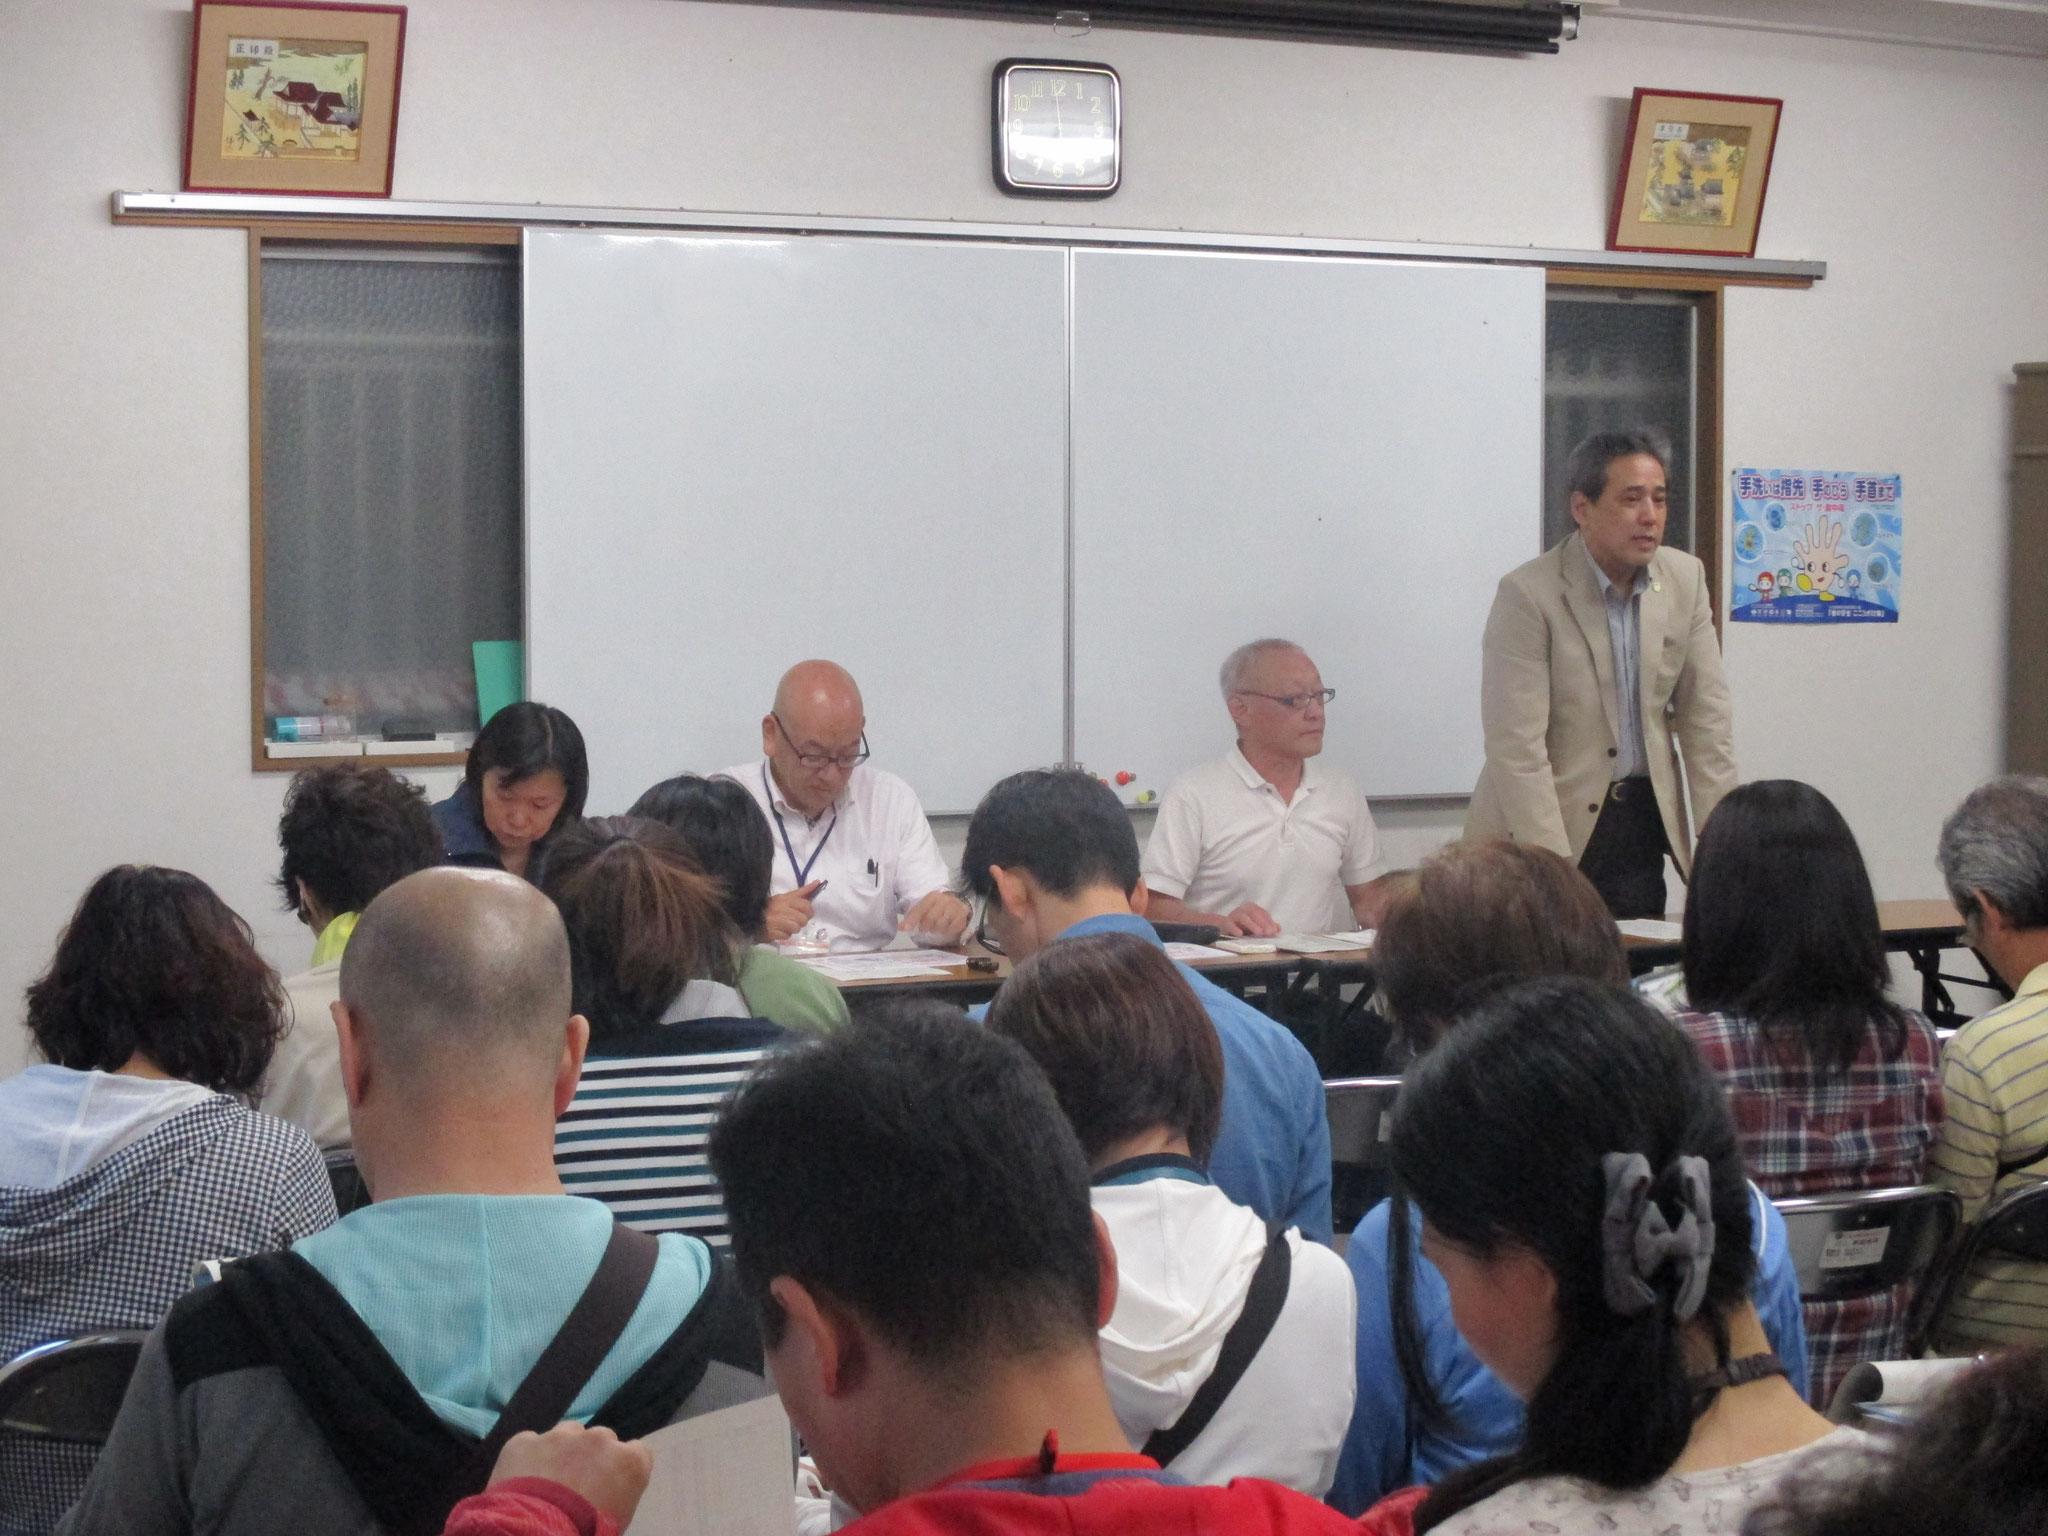 第1部 墨江地域活動協議会会長挨拶